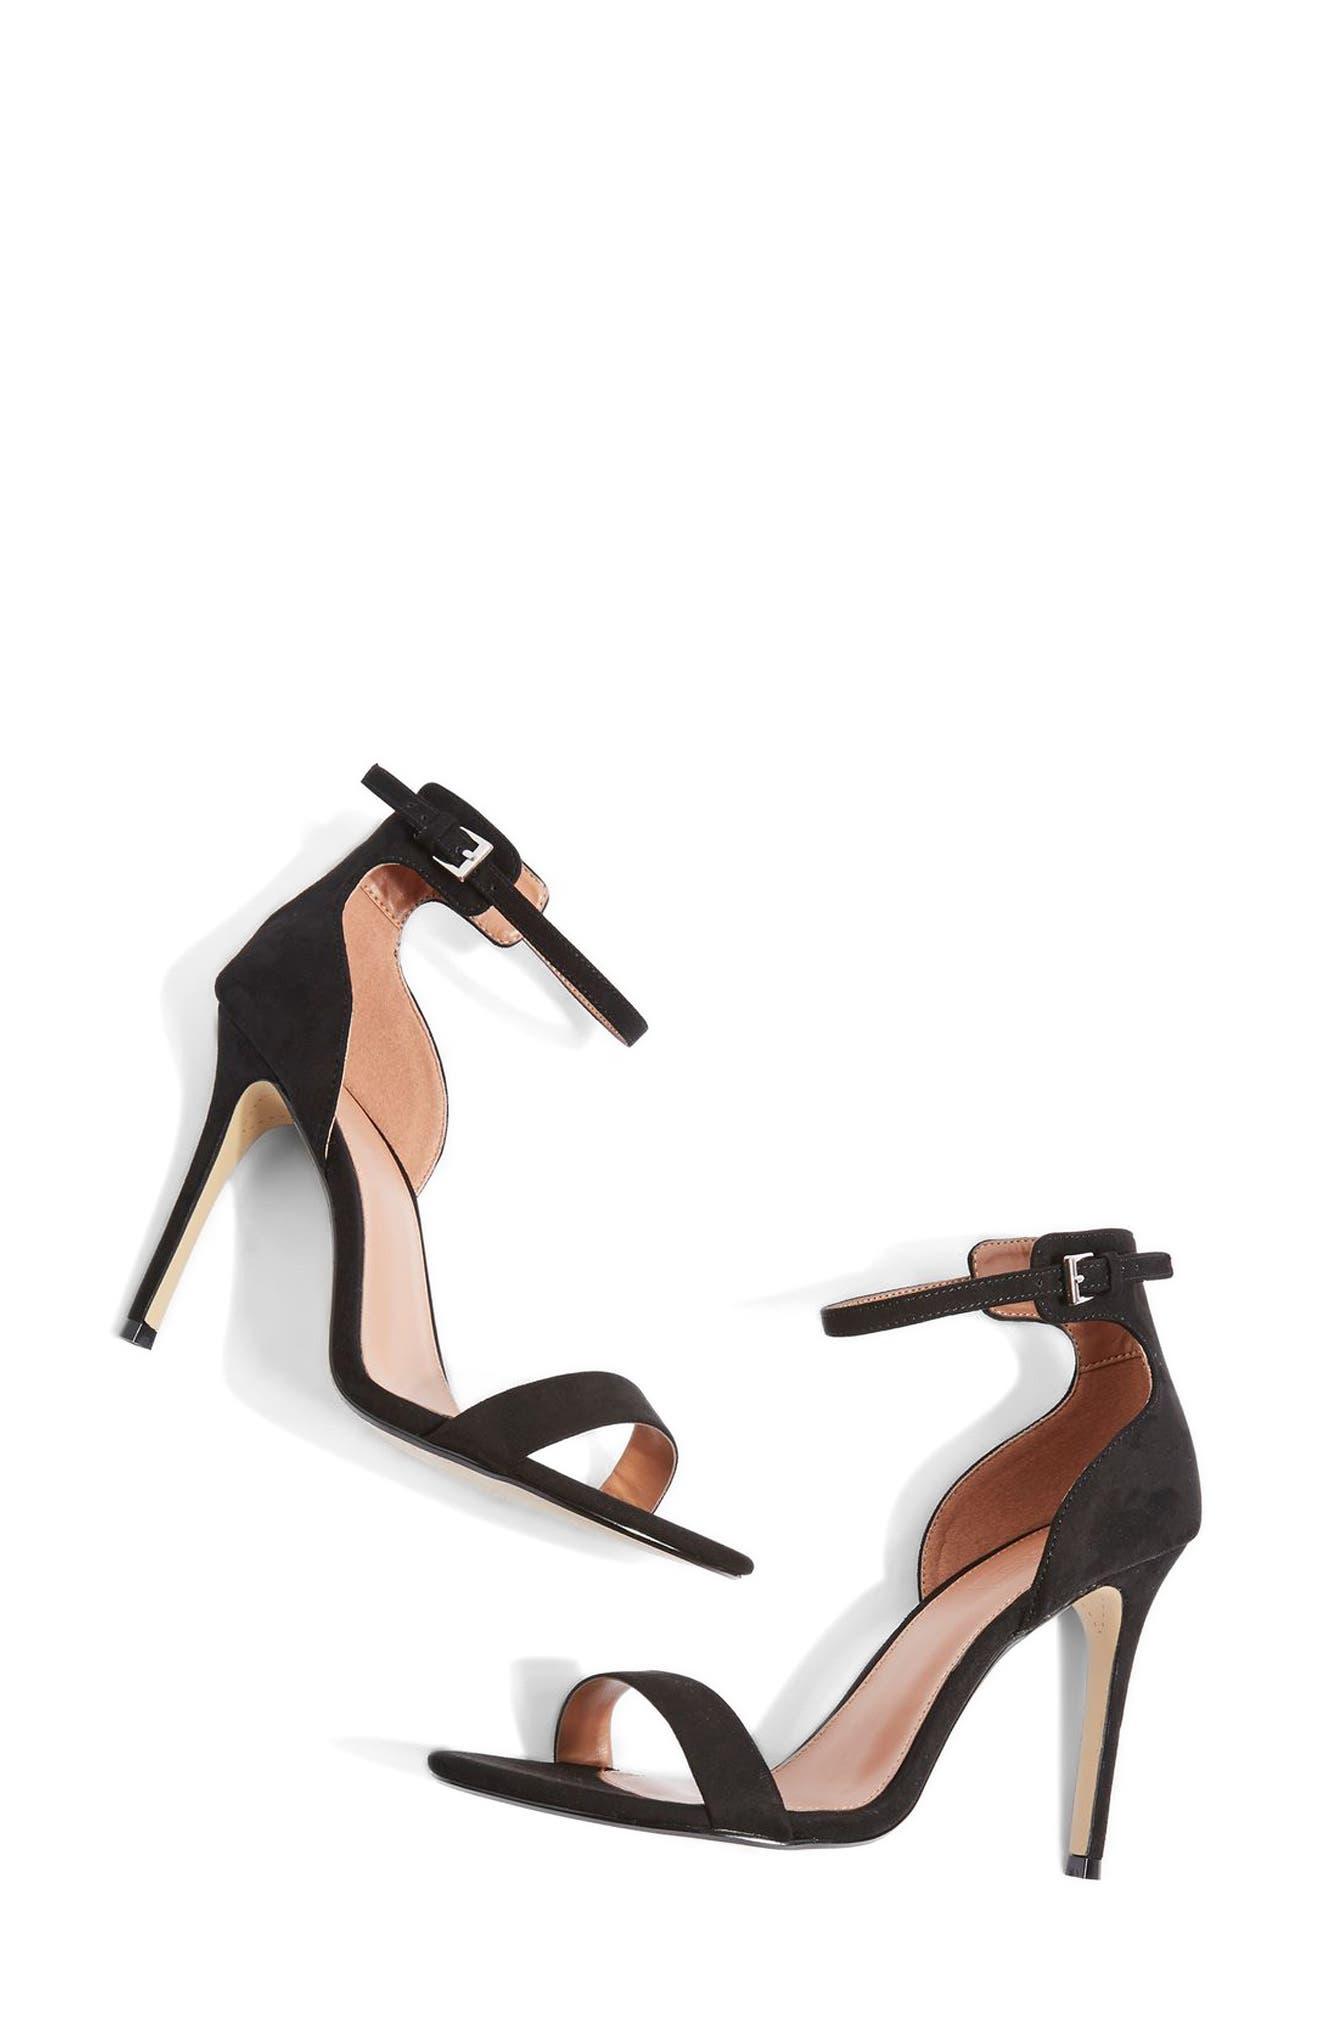 Marcelle Ankle Strap Sandal,                             Main thumbnail 1, color,